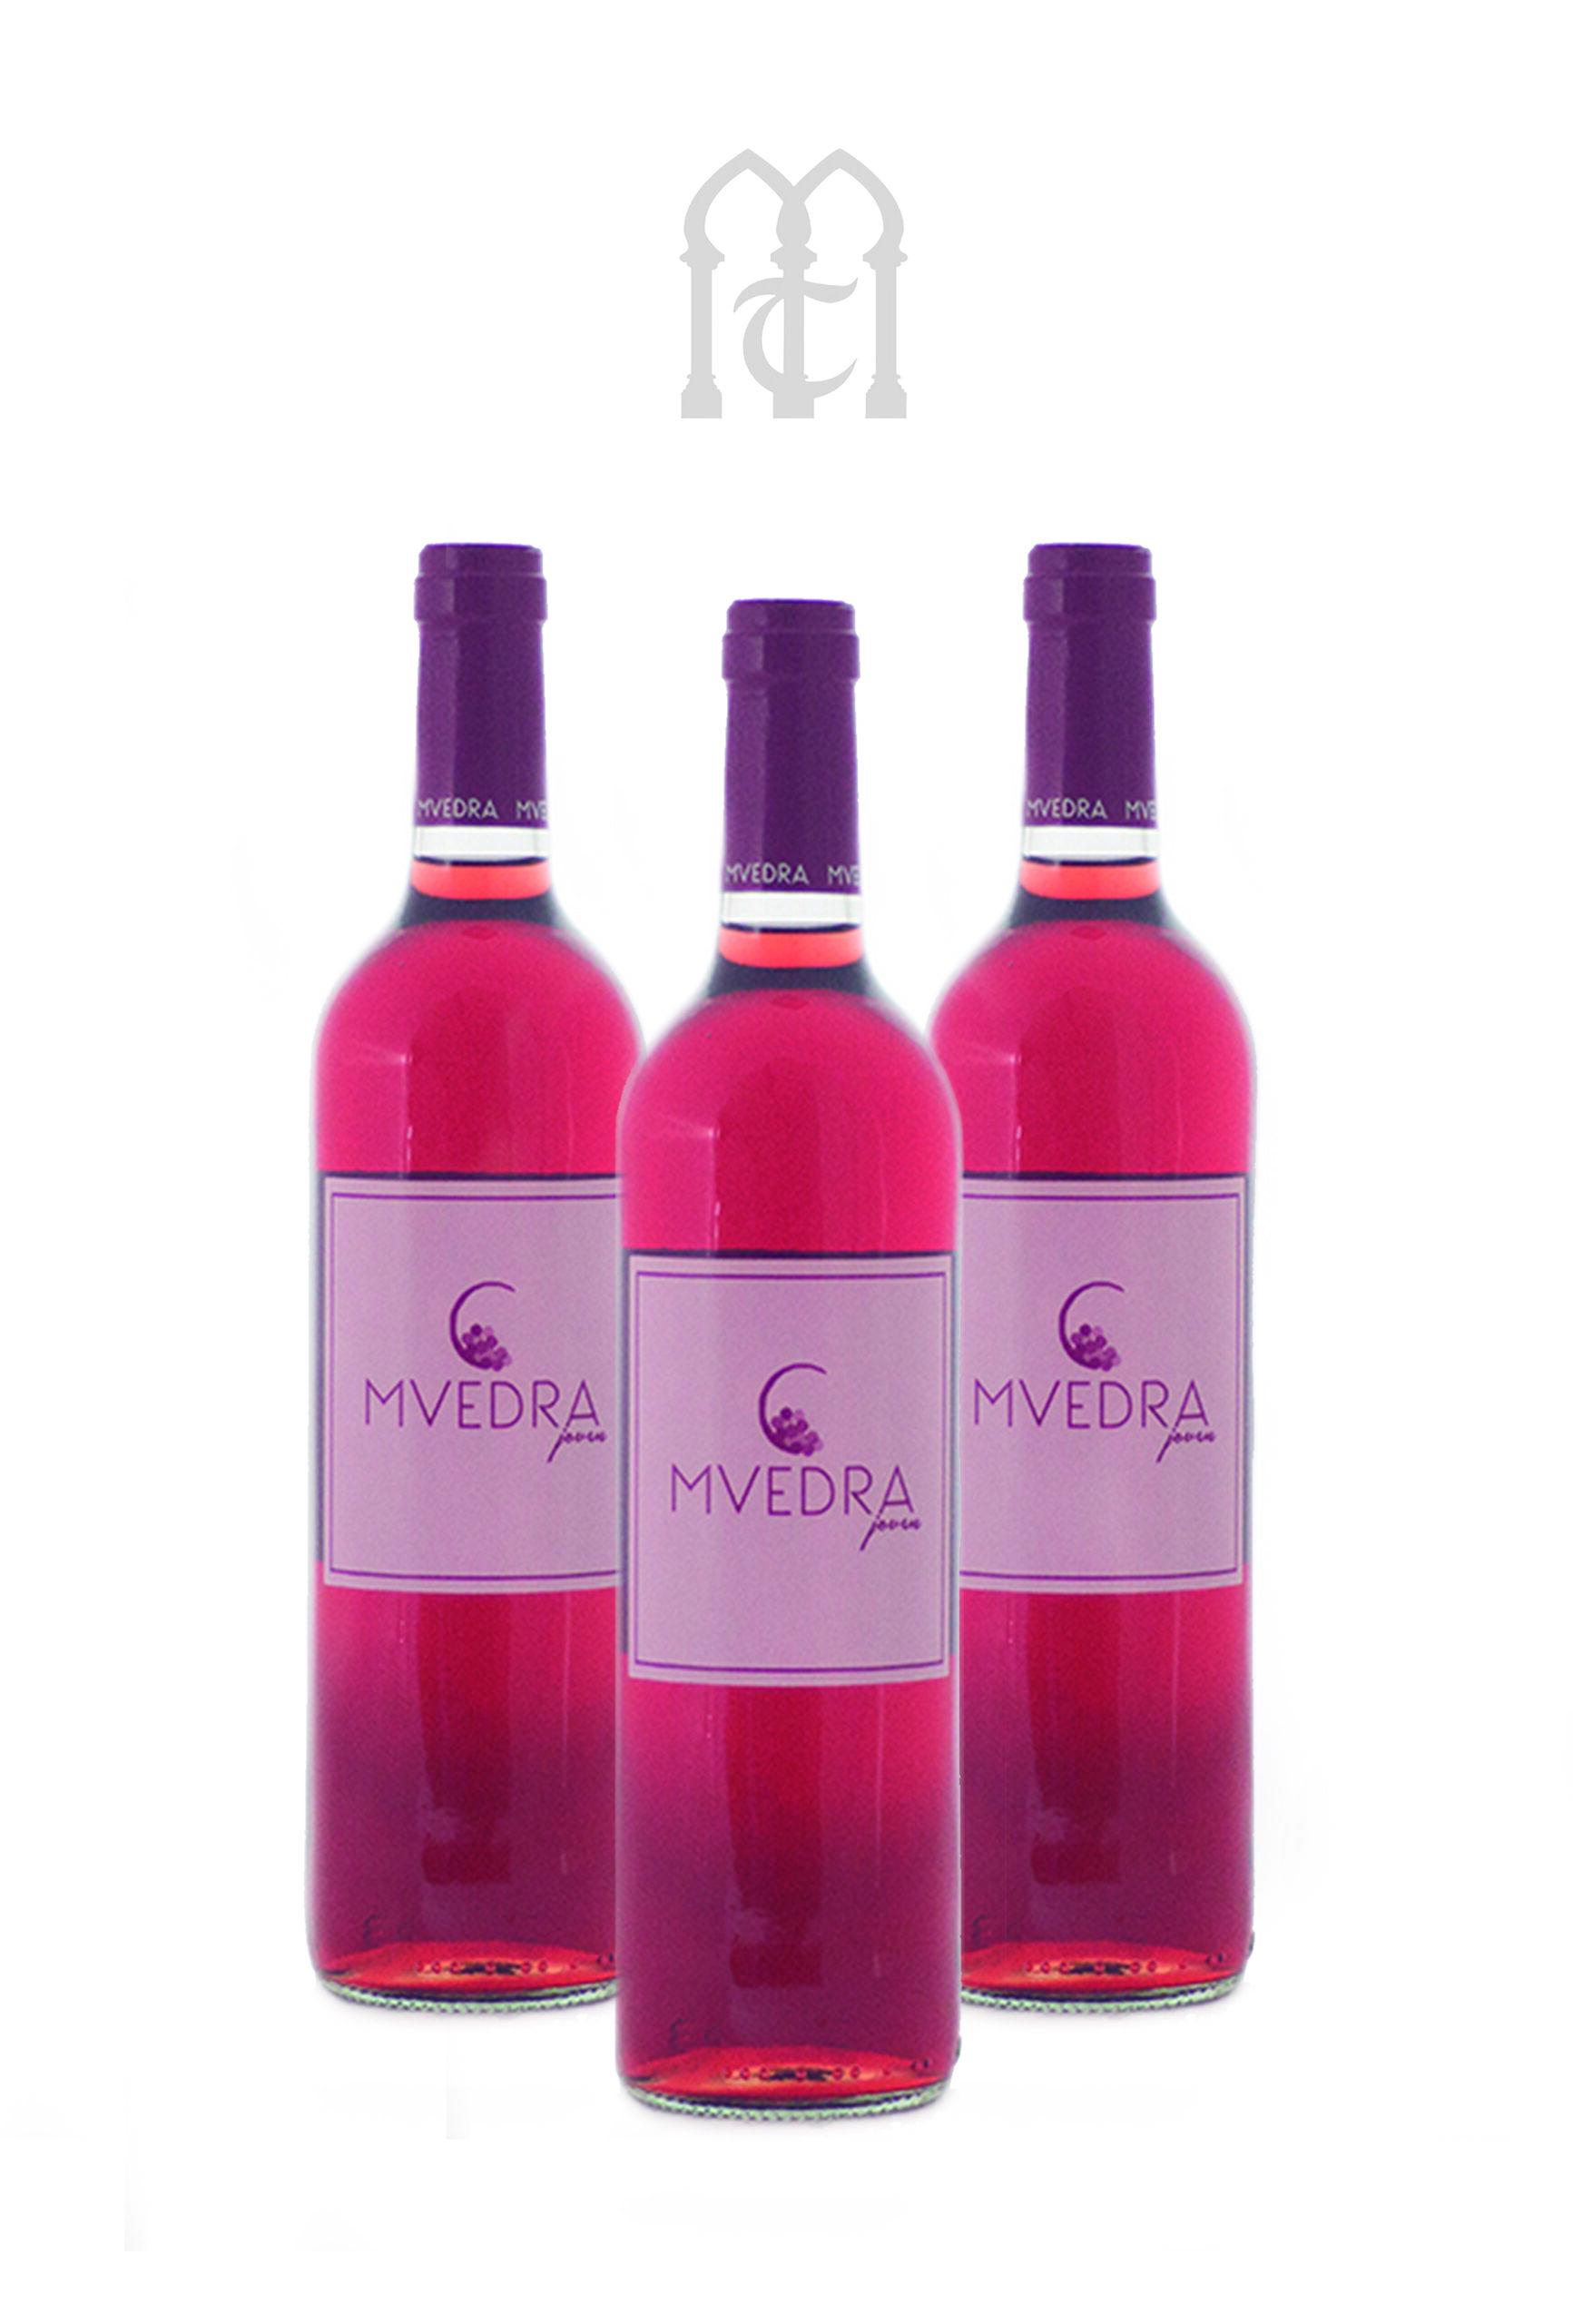 Muedra Rosado, Estruche Tres Botellas.